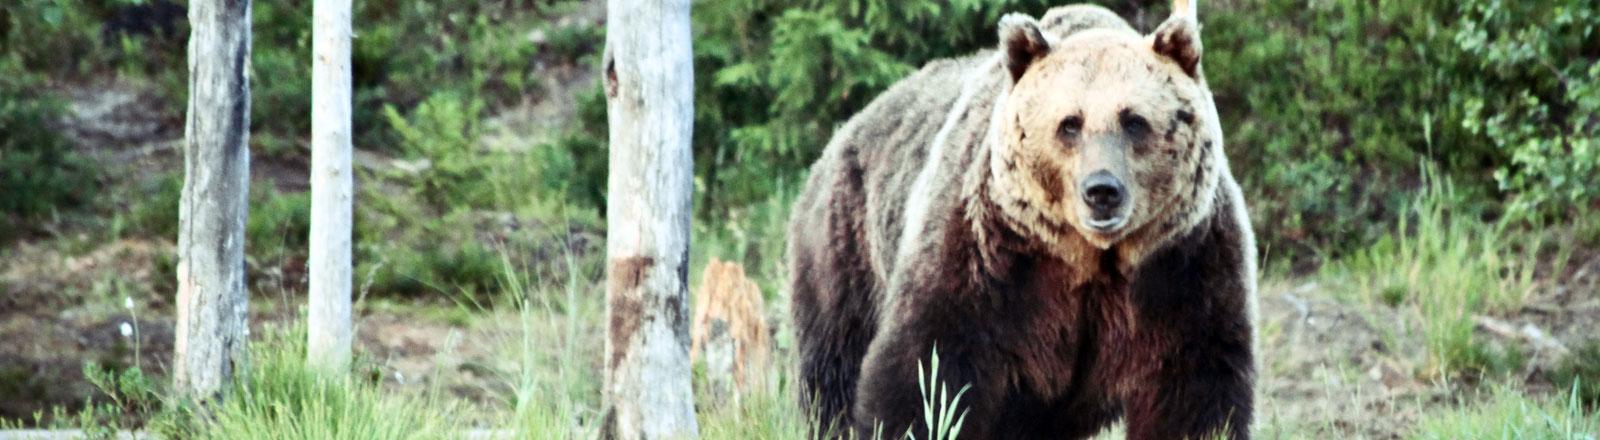 Ein Grizzlybär schaut in die Kamera.